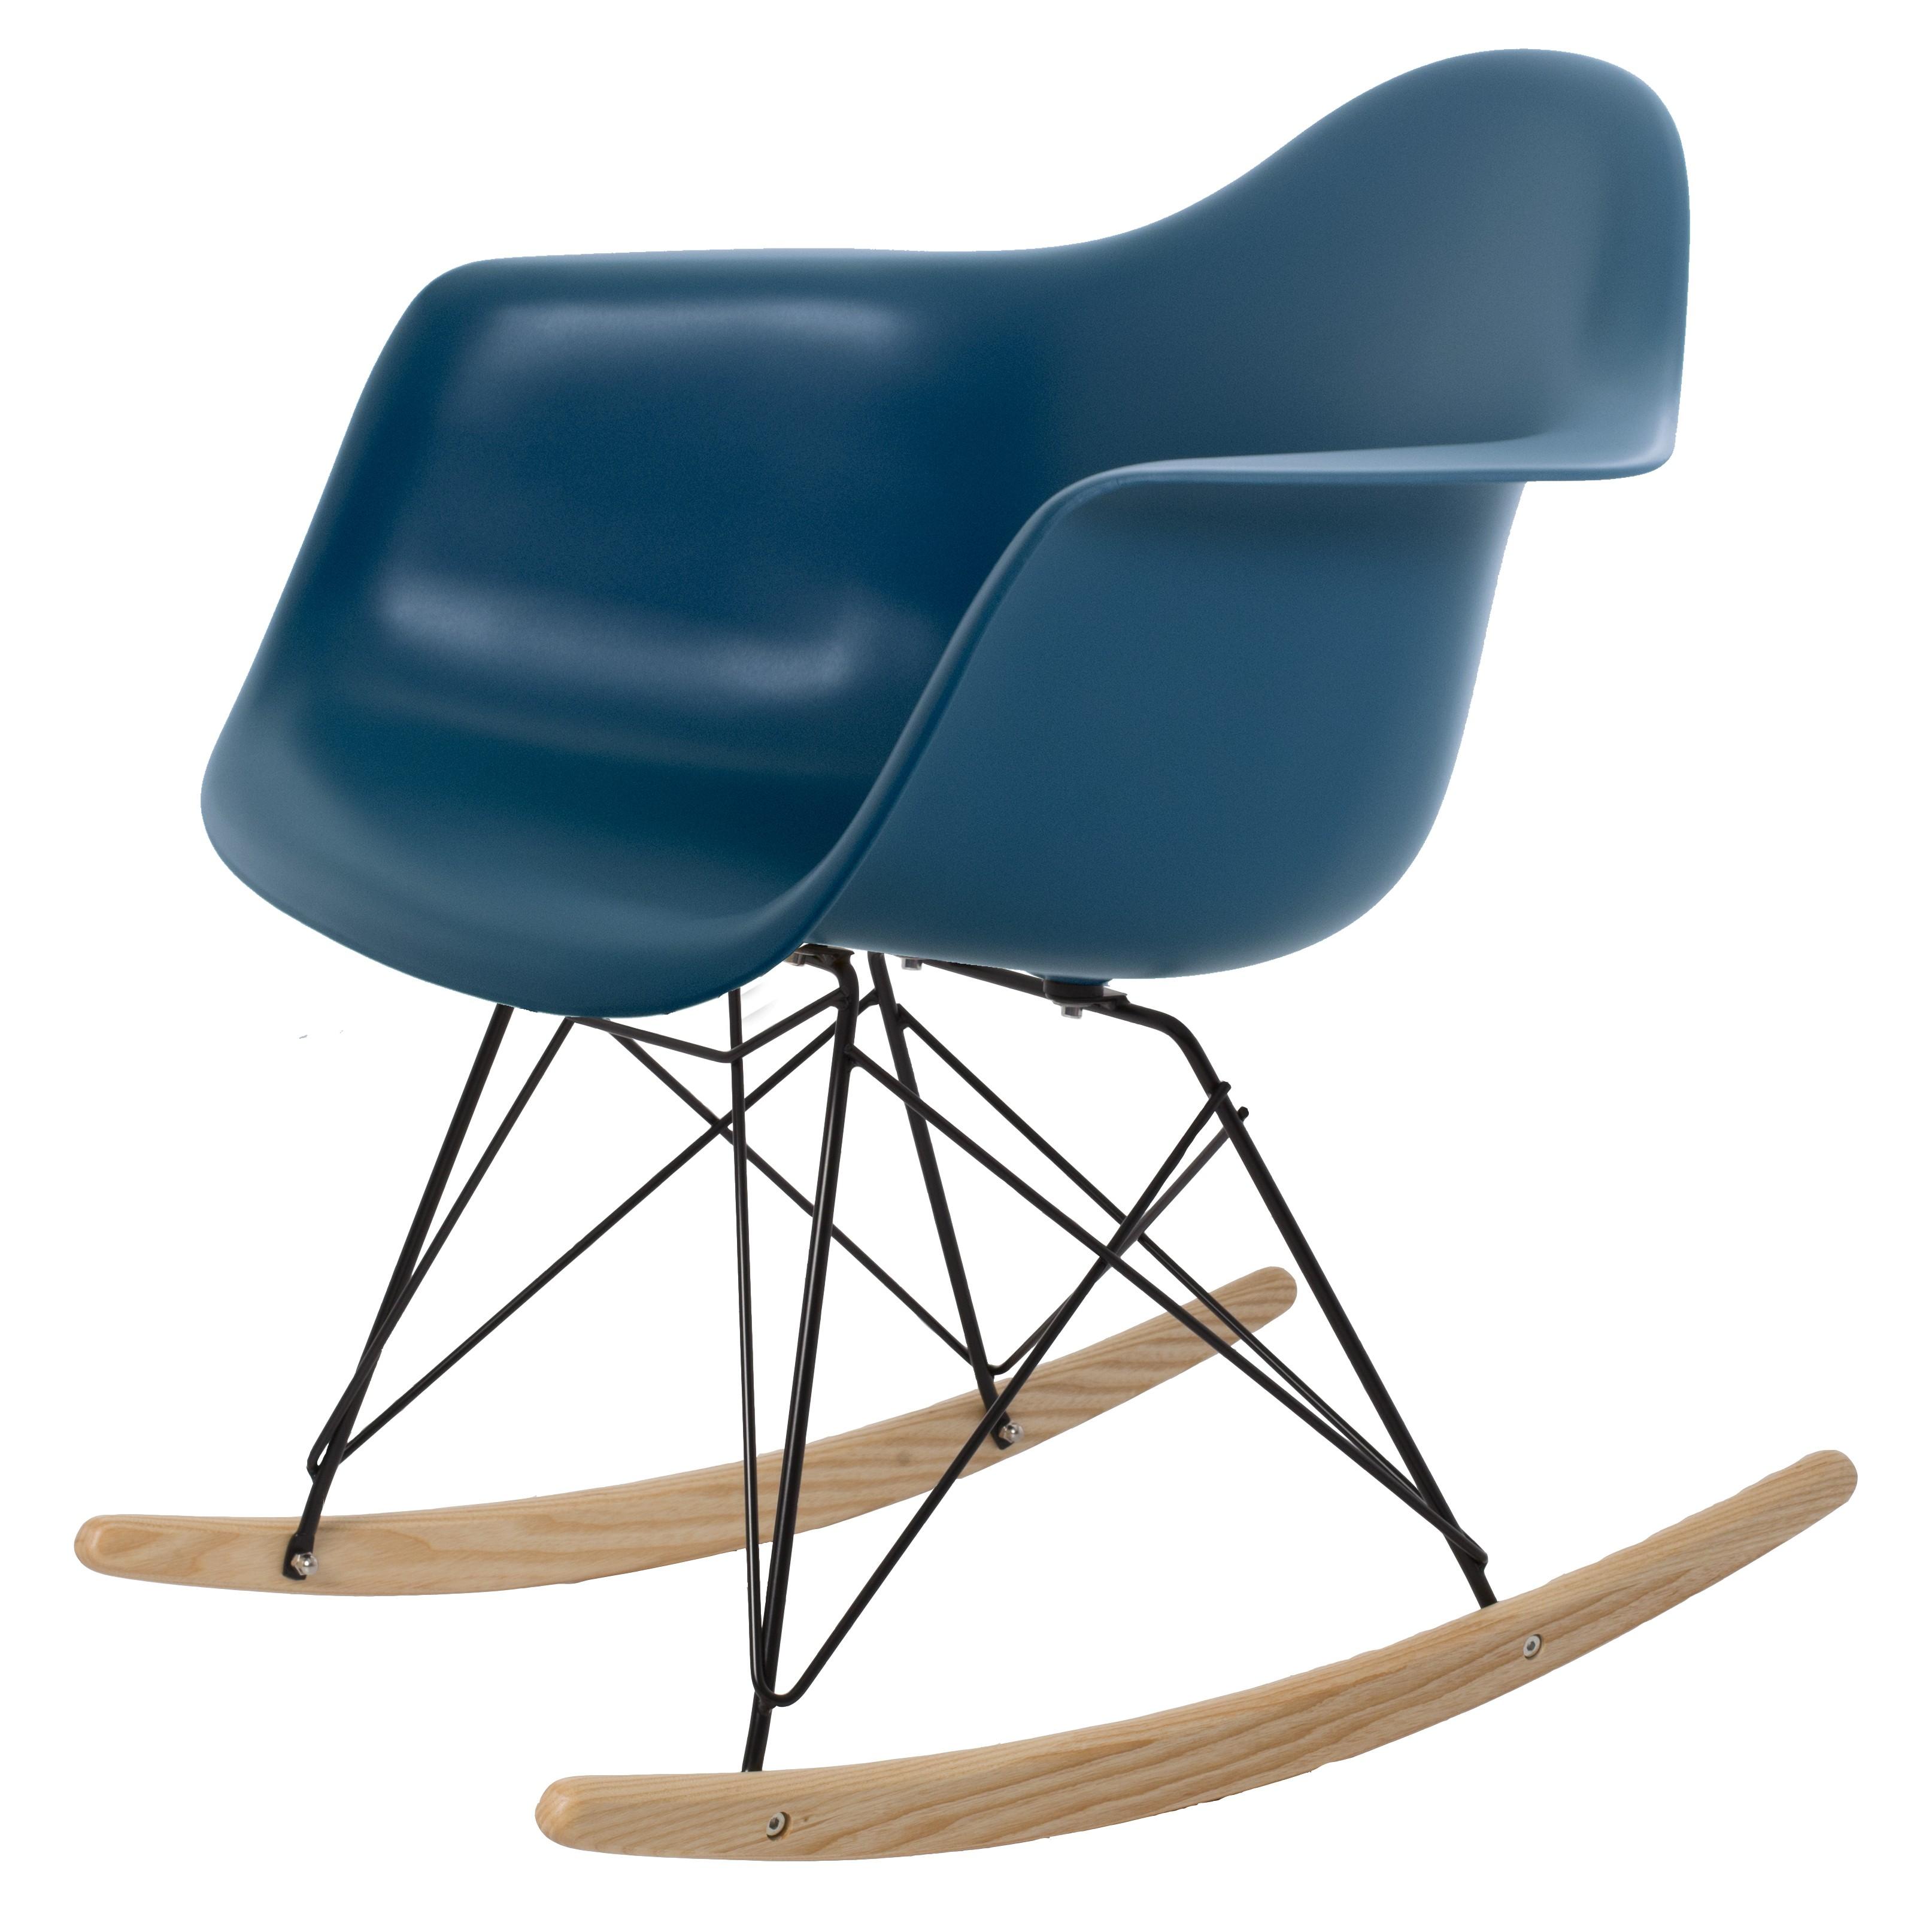 Charmant ... Eames Rocking Chair RAR Black Base PP Ocean Blue ...